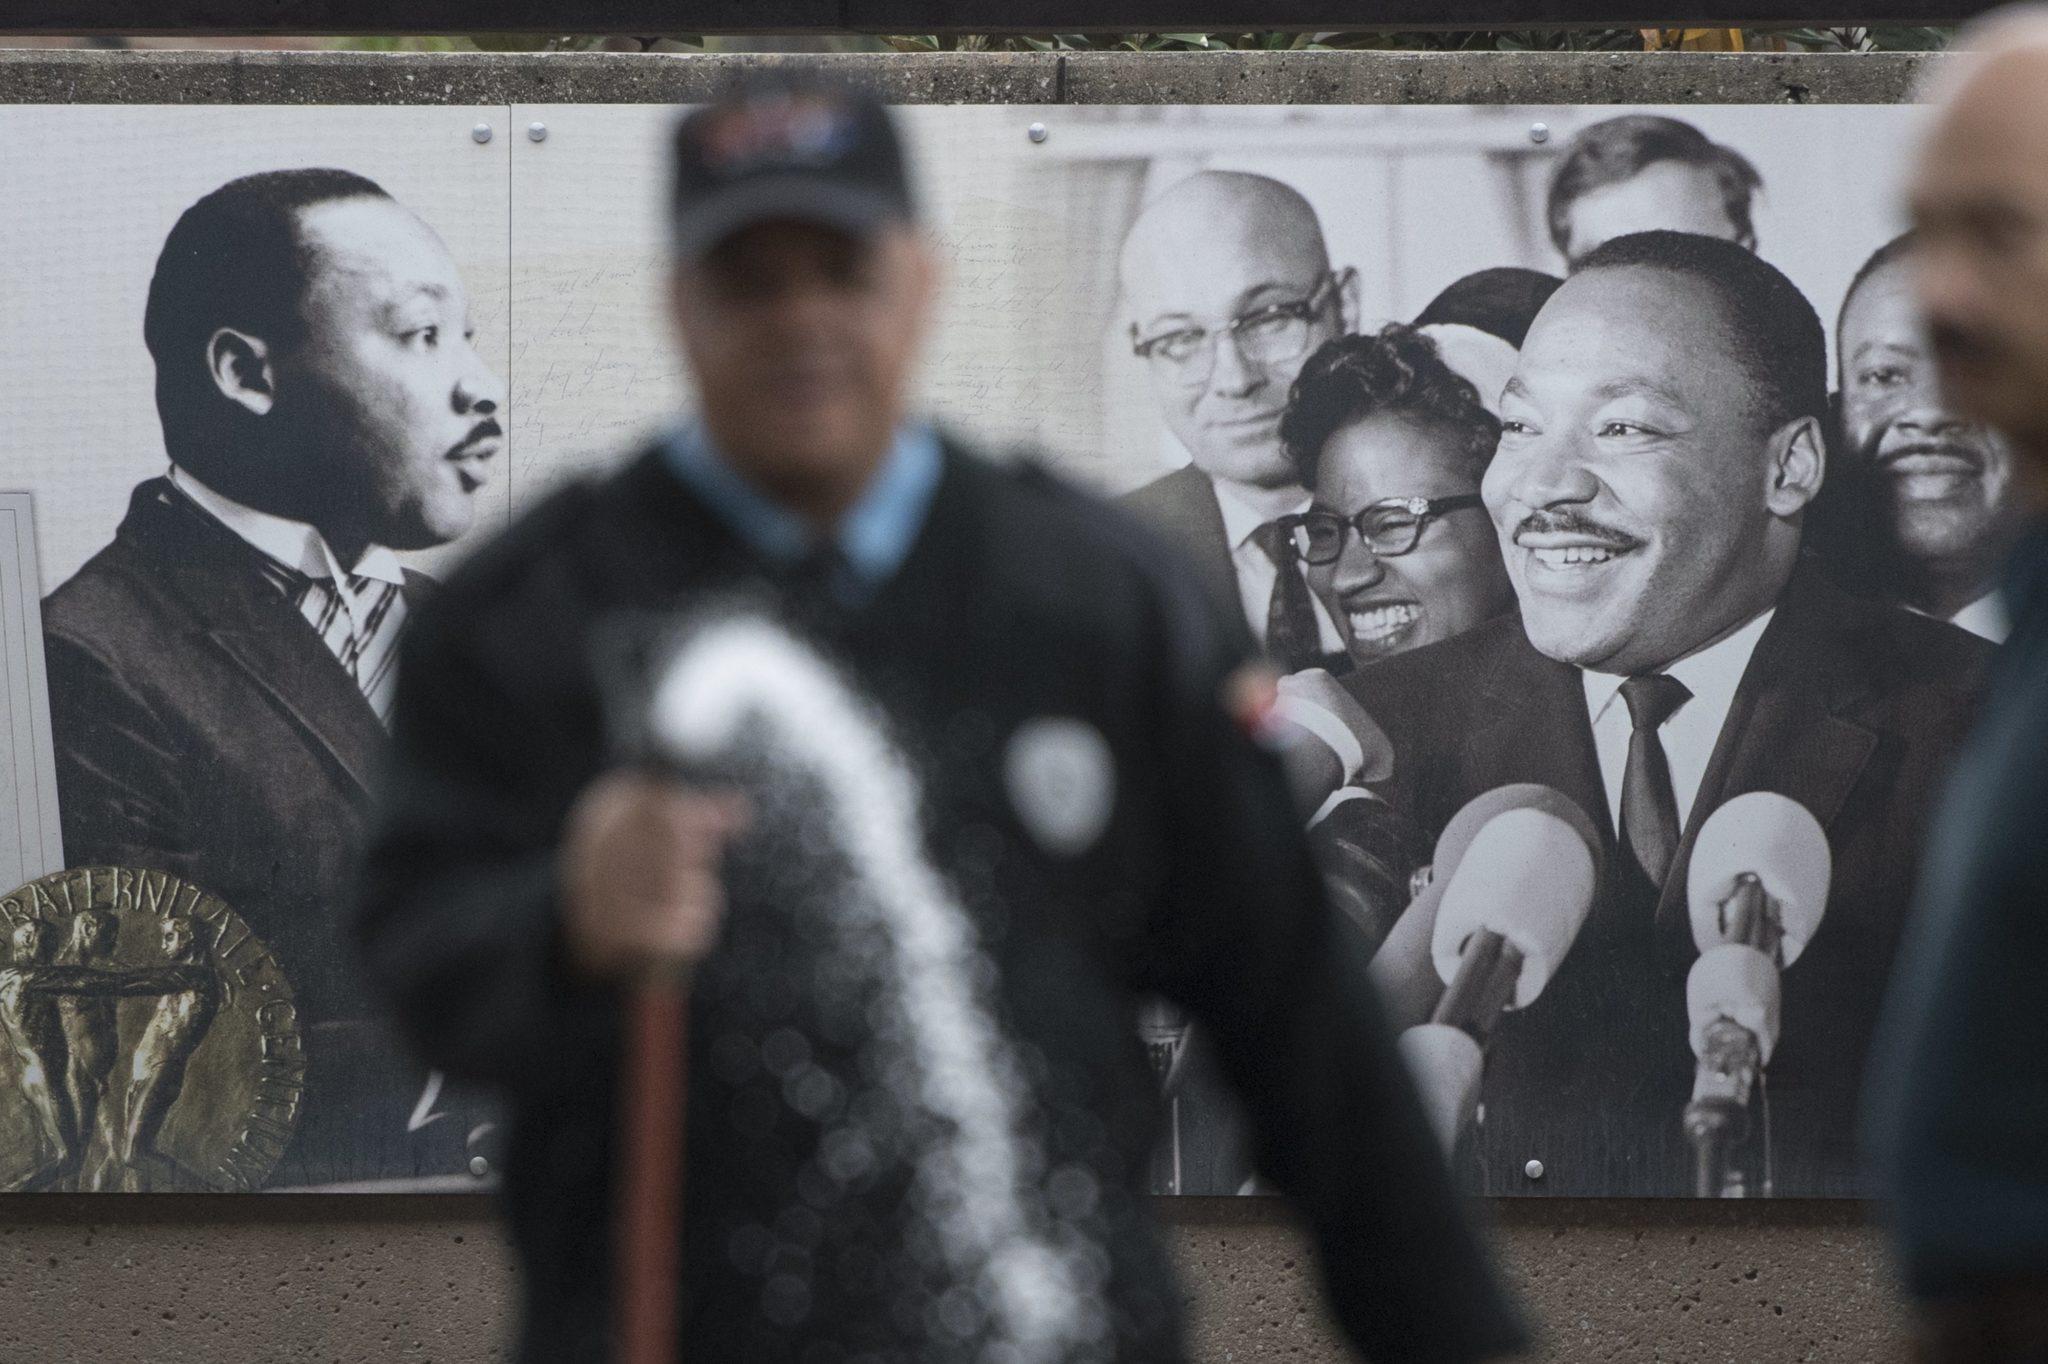 Atlanta, Georgia, USA: dzień przed 50. rocznicą zamordowania dr Martina Luthera Kinga Jr. W Atlancie znajduje się jego grób, fot: John Amis, PAP/EPA